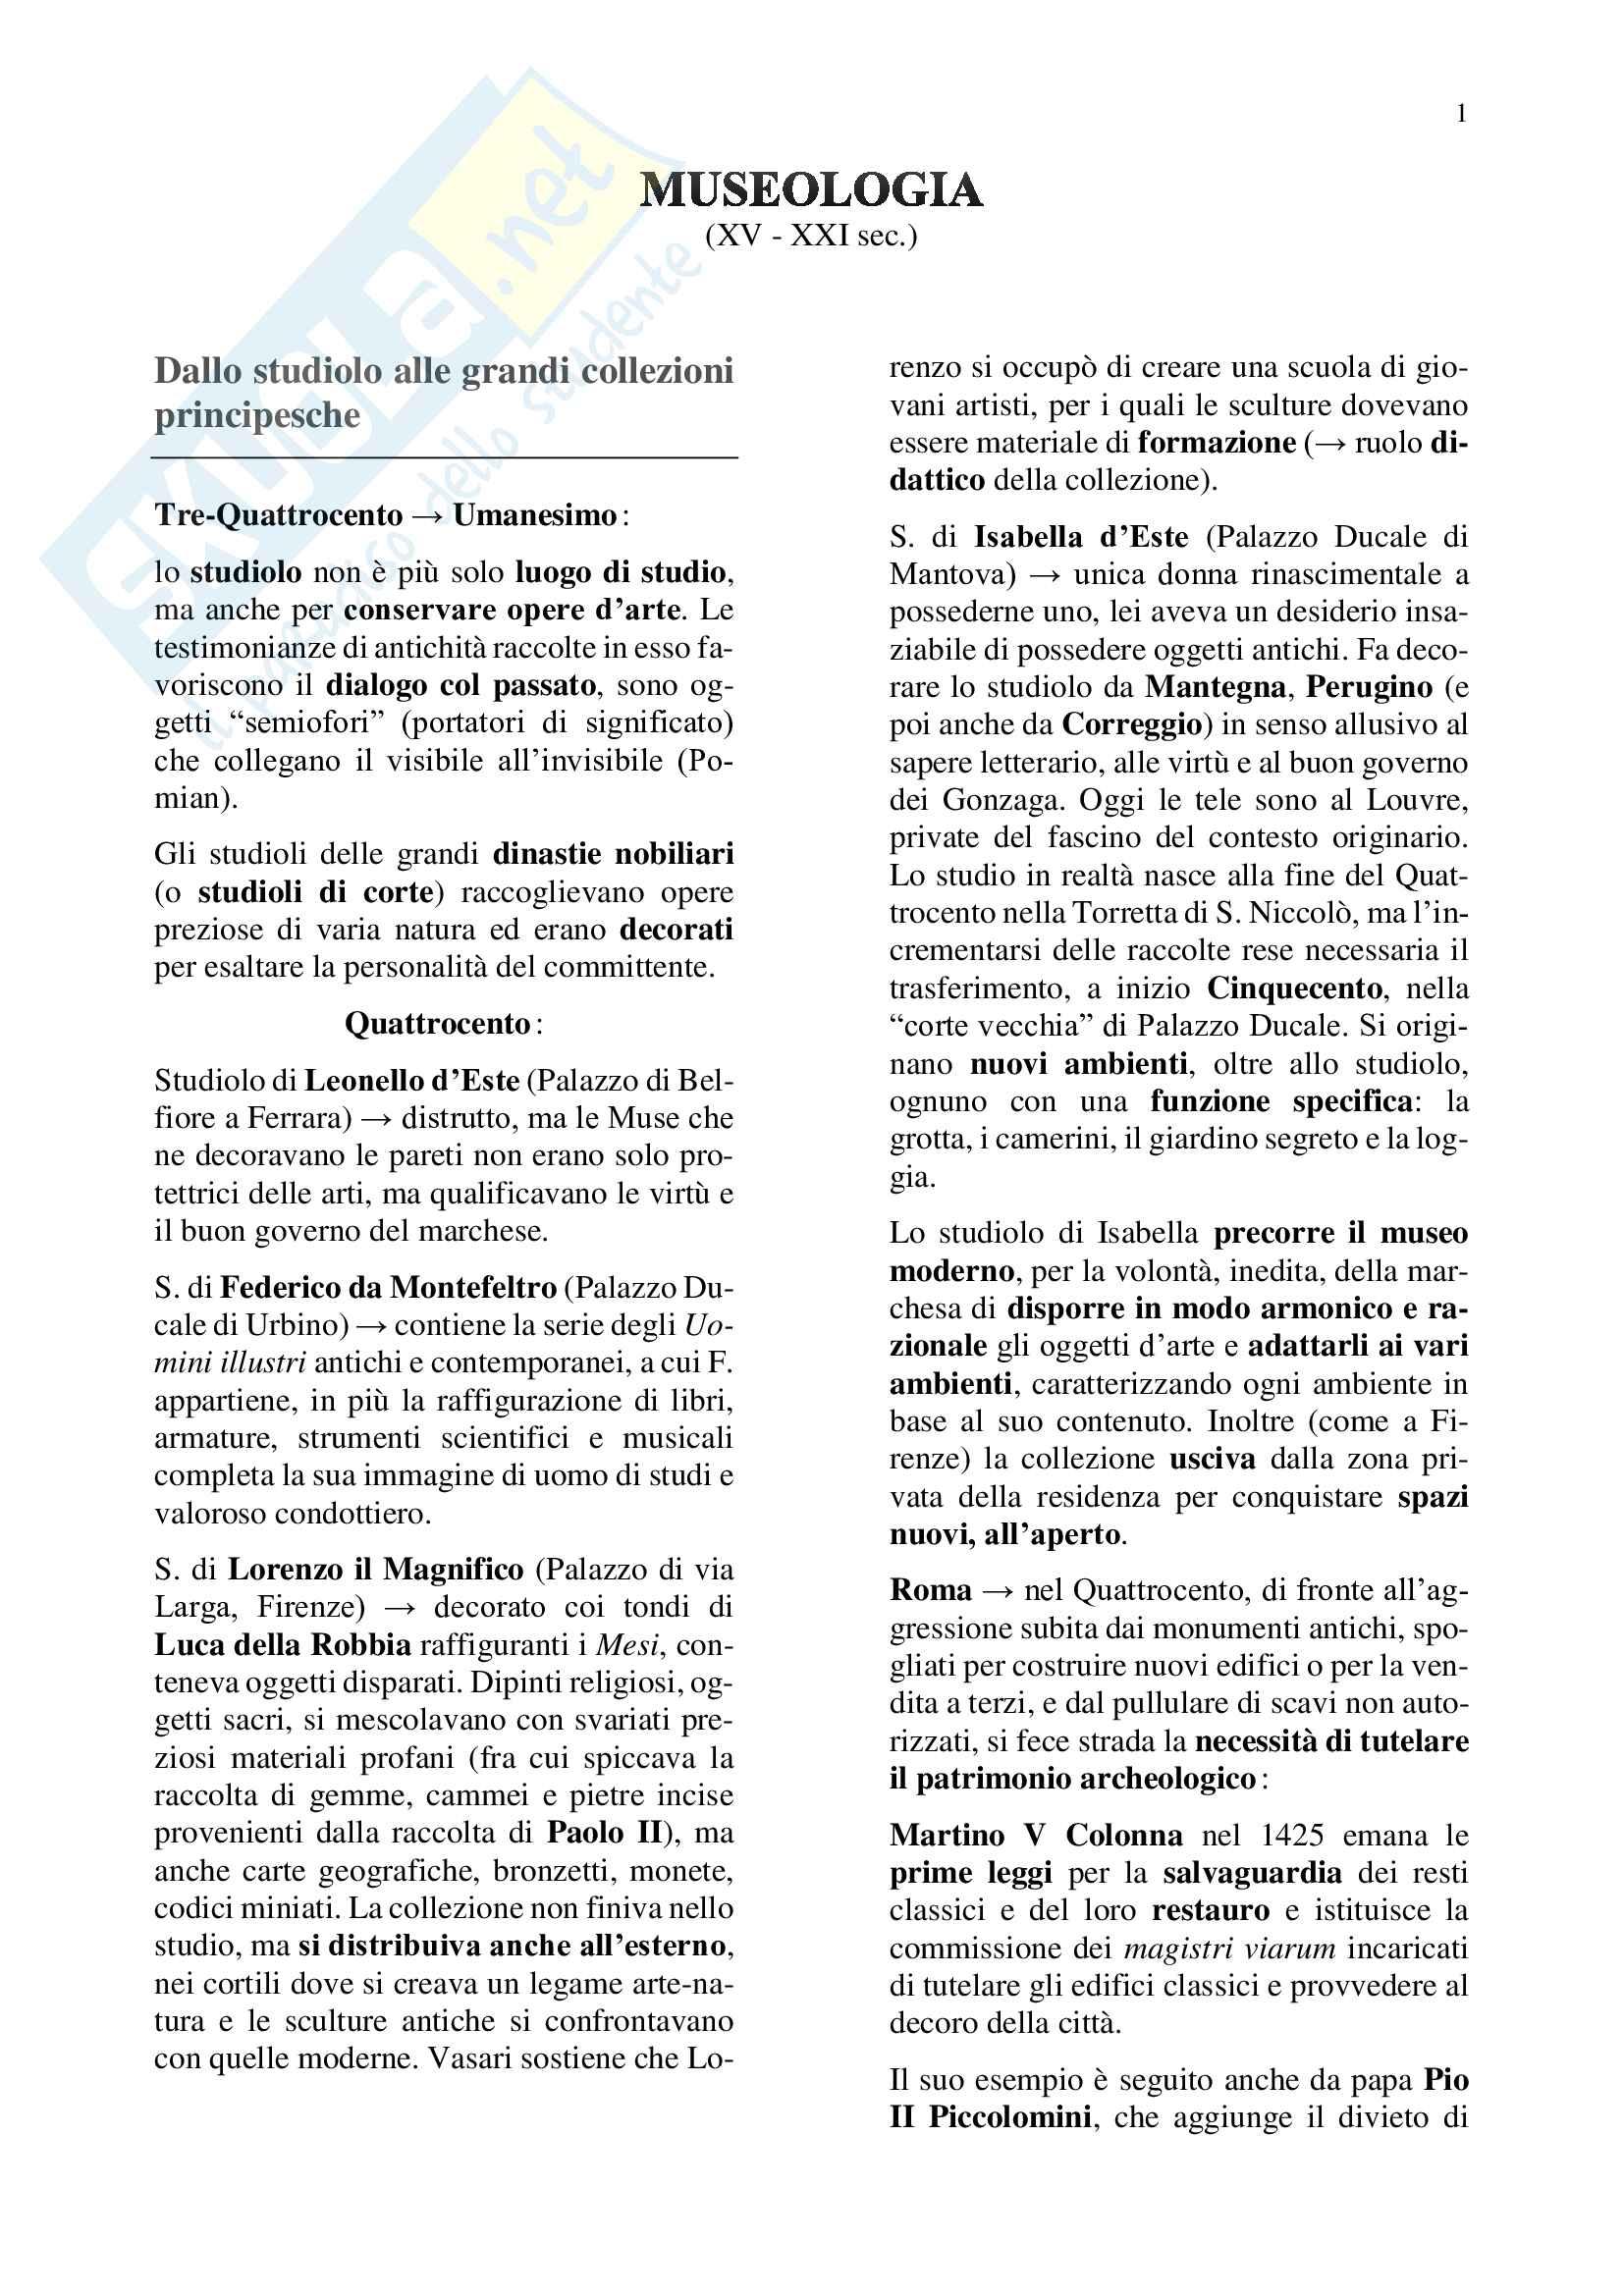 Storia del museo (XV-XXI sec.), esame di Museologia, prof.ssa Fiorio